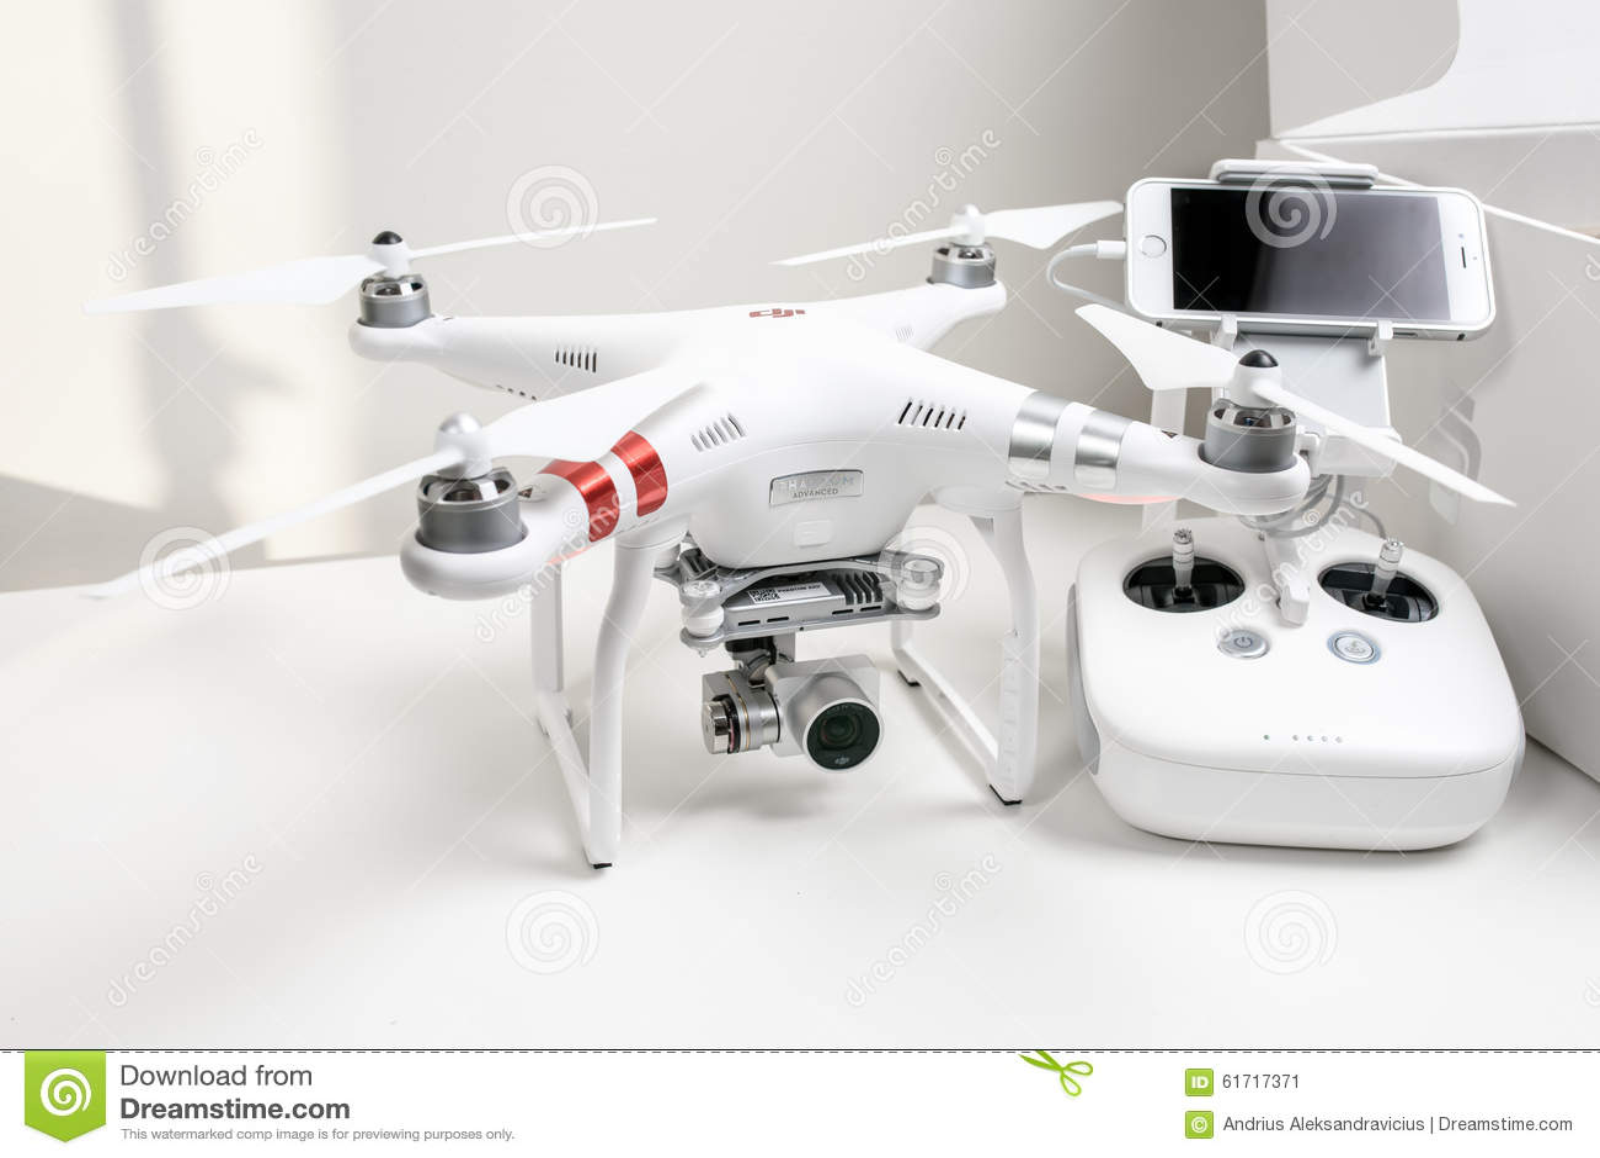 Geavanceerd Spoor 3 van hommel quadrocopter Dji